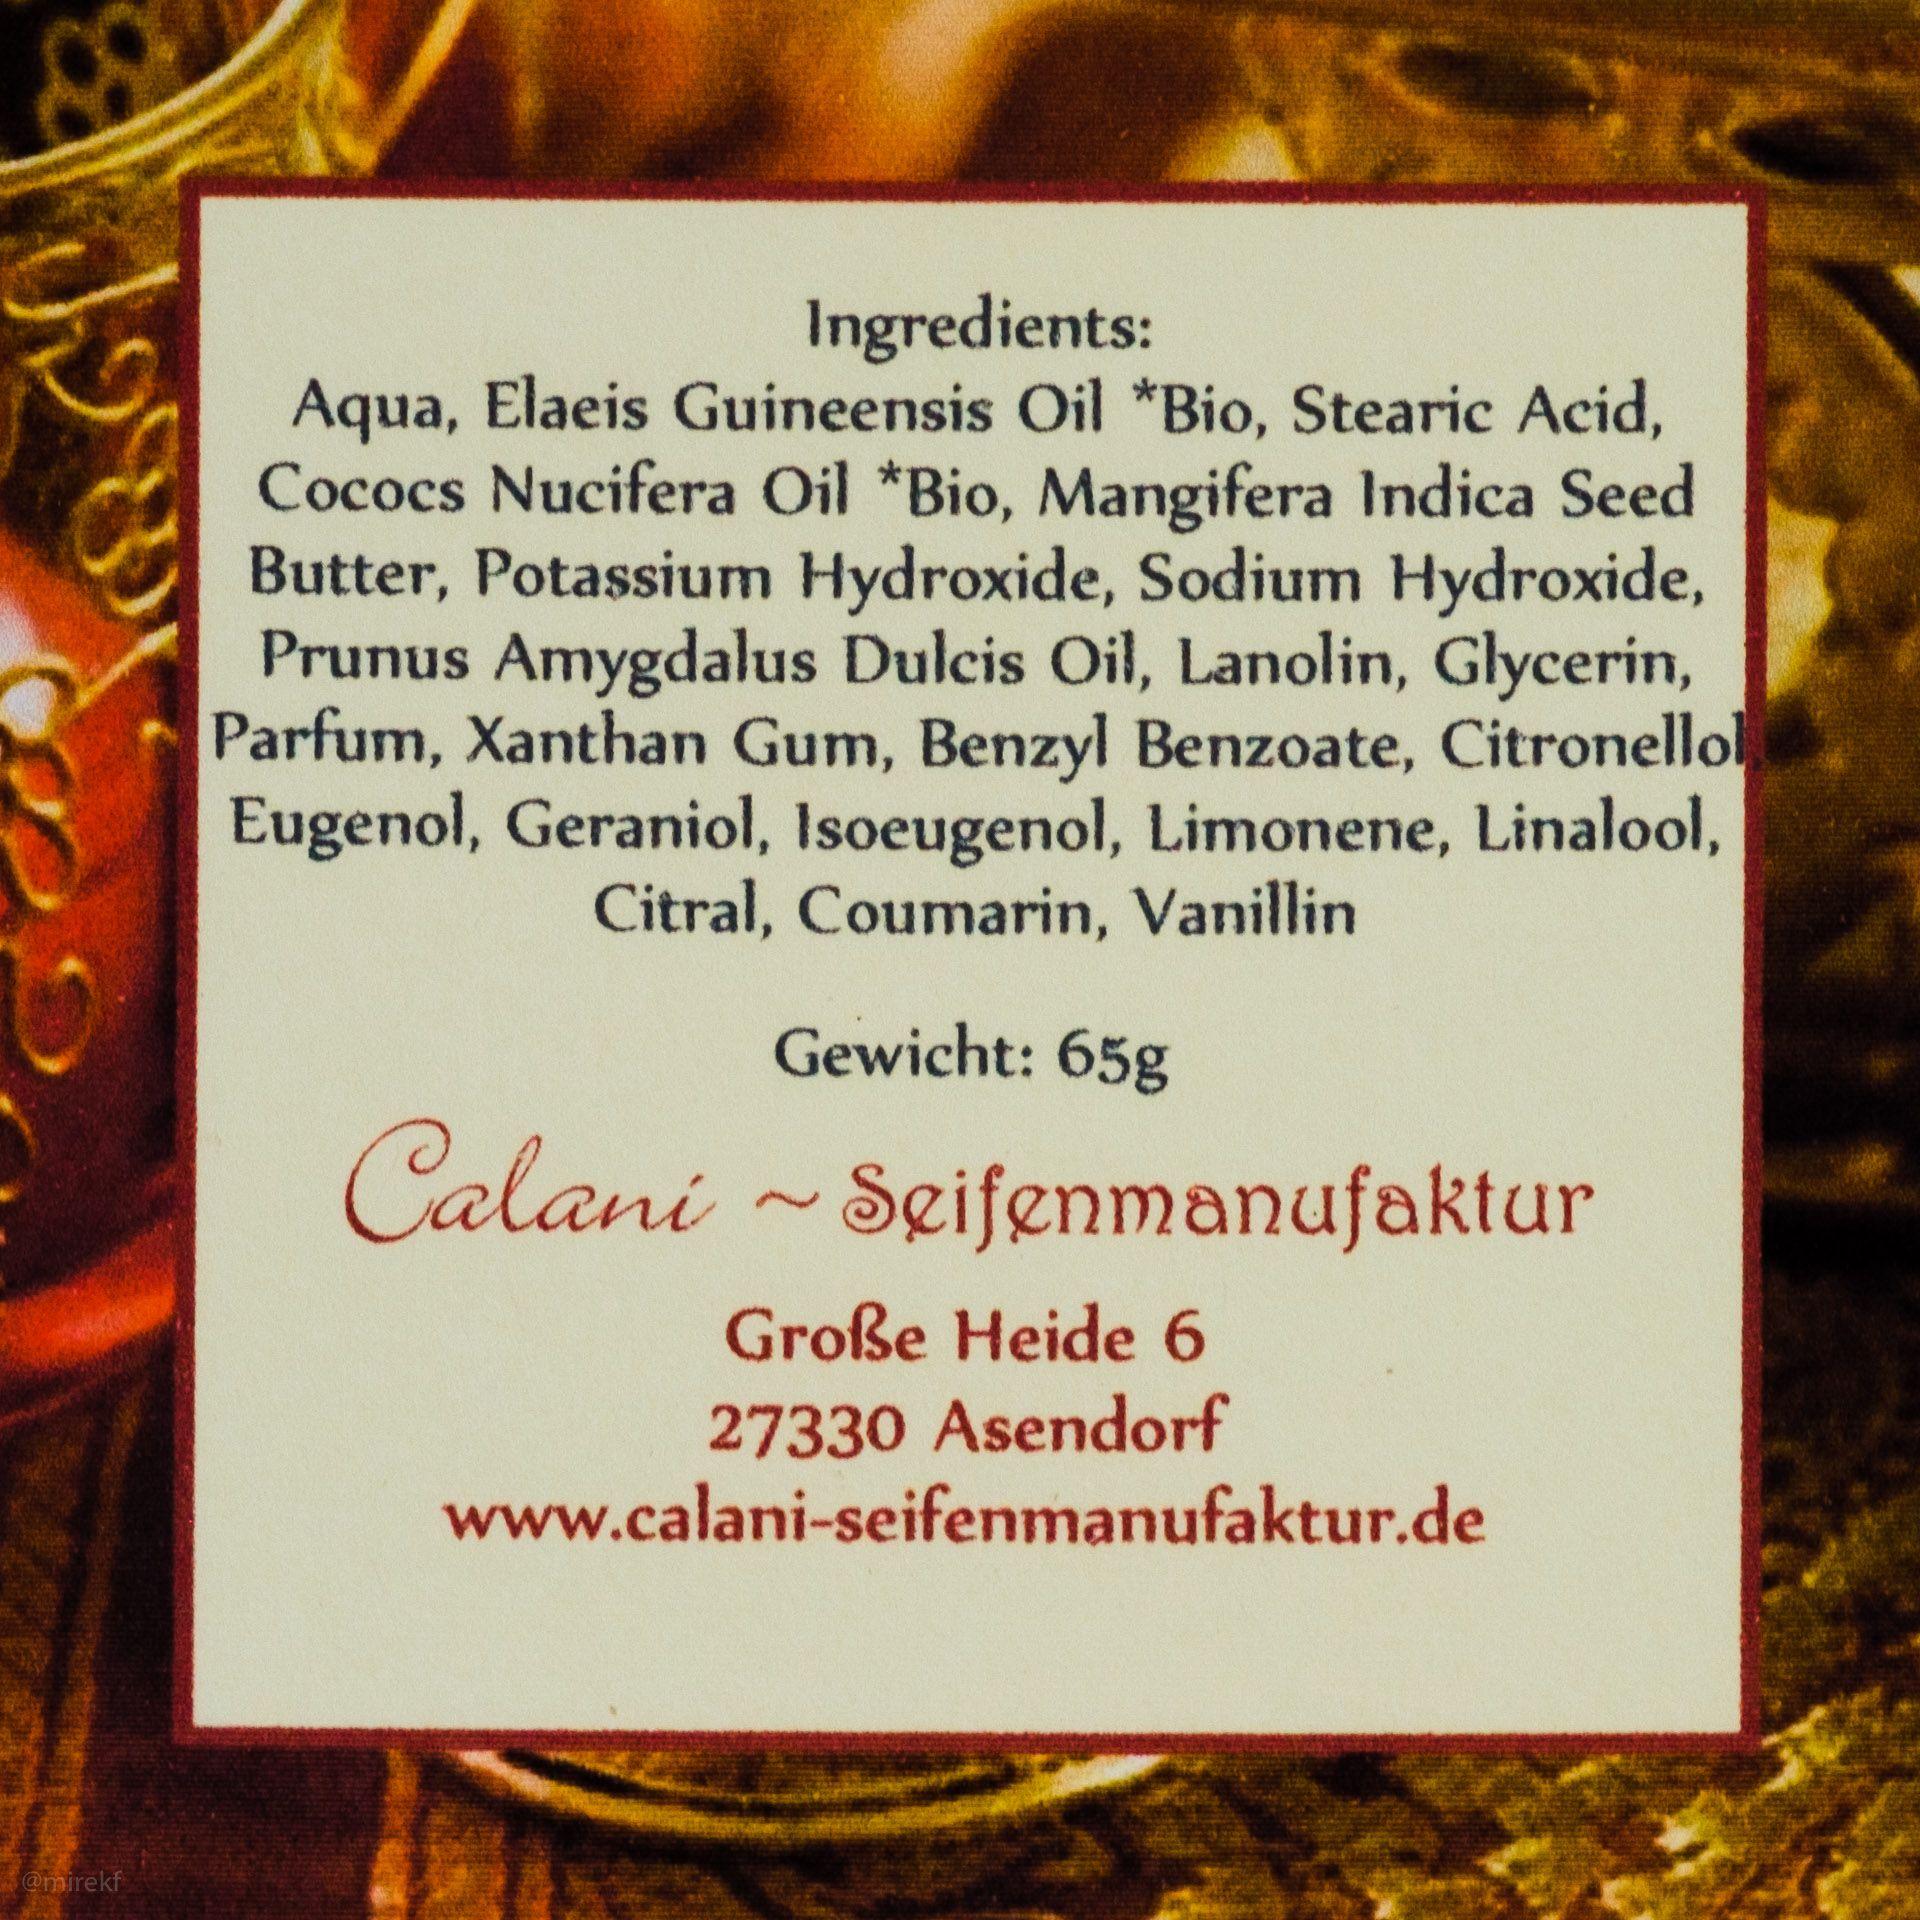 Skład mydła do golenia Calani Oriental Plum Rasierseife (shaving soap ingredients)